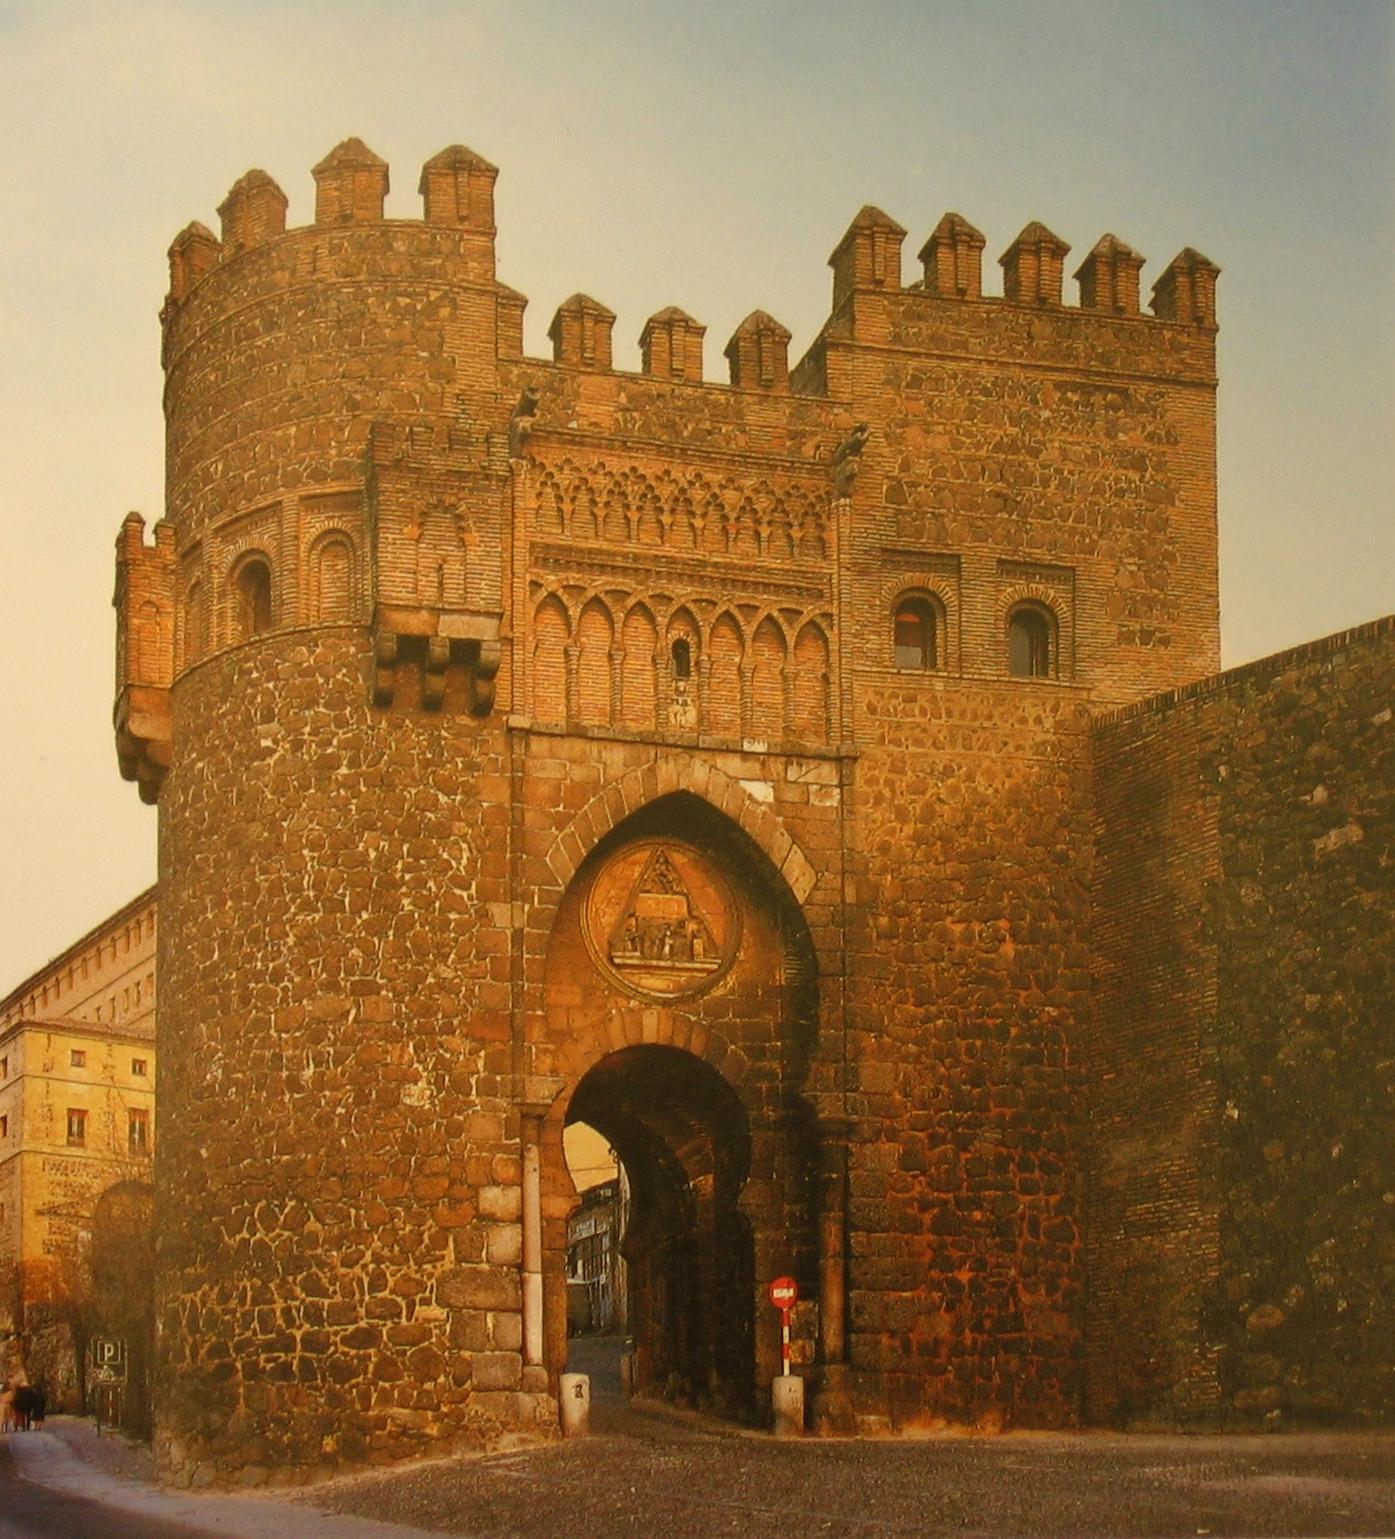 Španělsko - Toledo - Puerta del Sol, postavená ve 14.století johanity, městská brána v mudejárském stylu